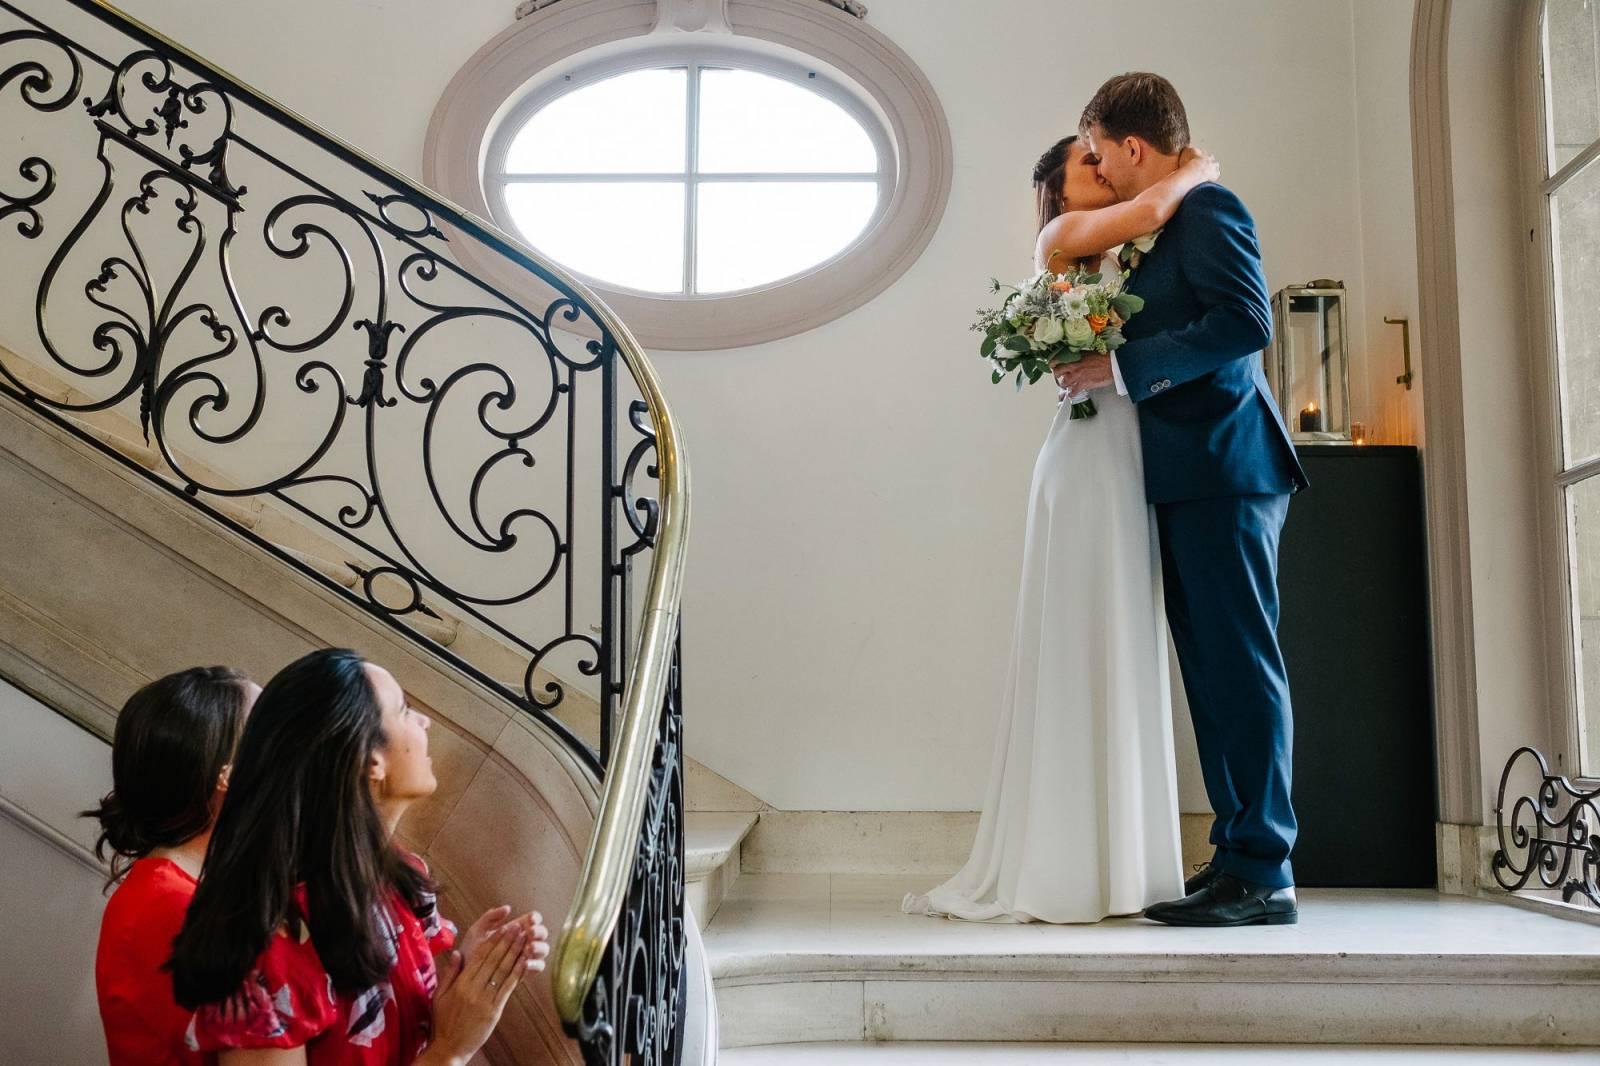 Jonas De Gent - Huwelijksfotograaf - House of Weddings - 4